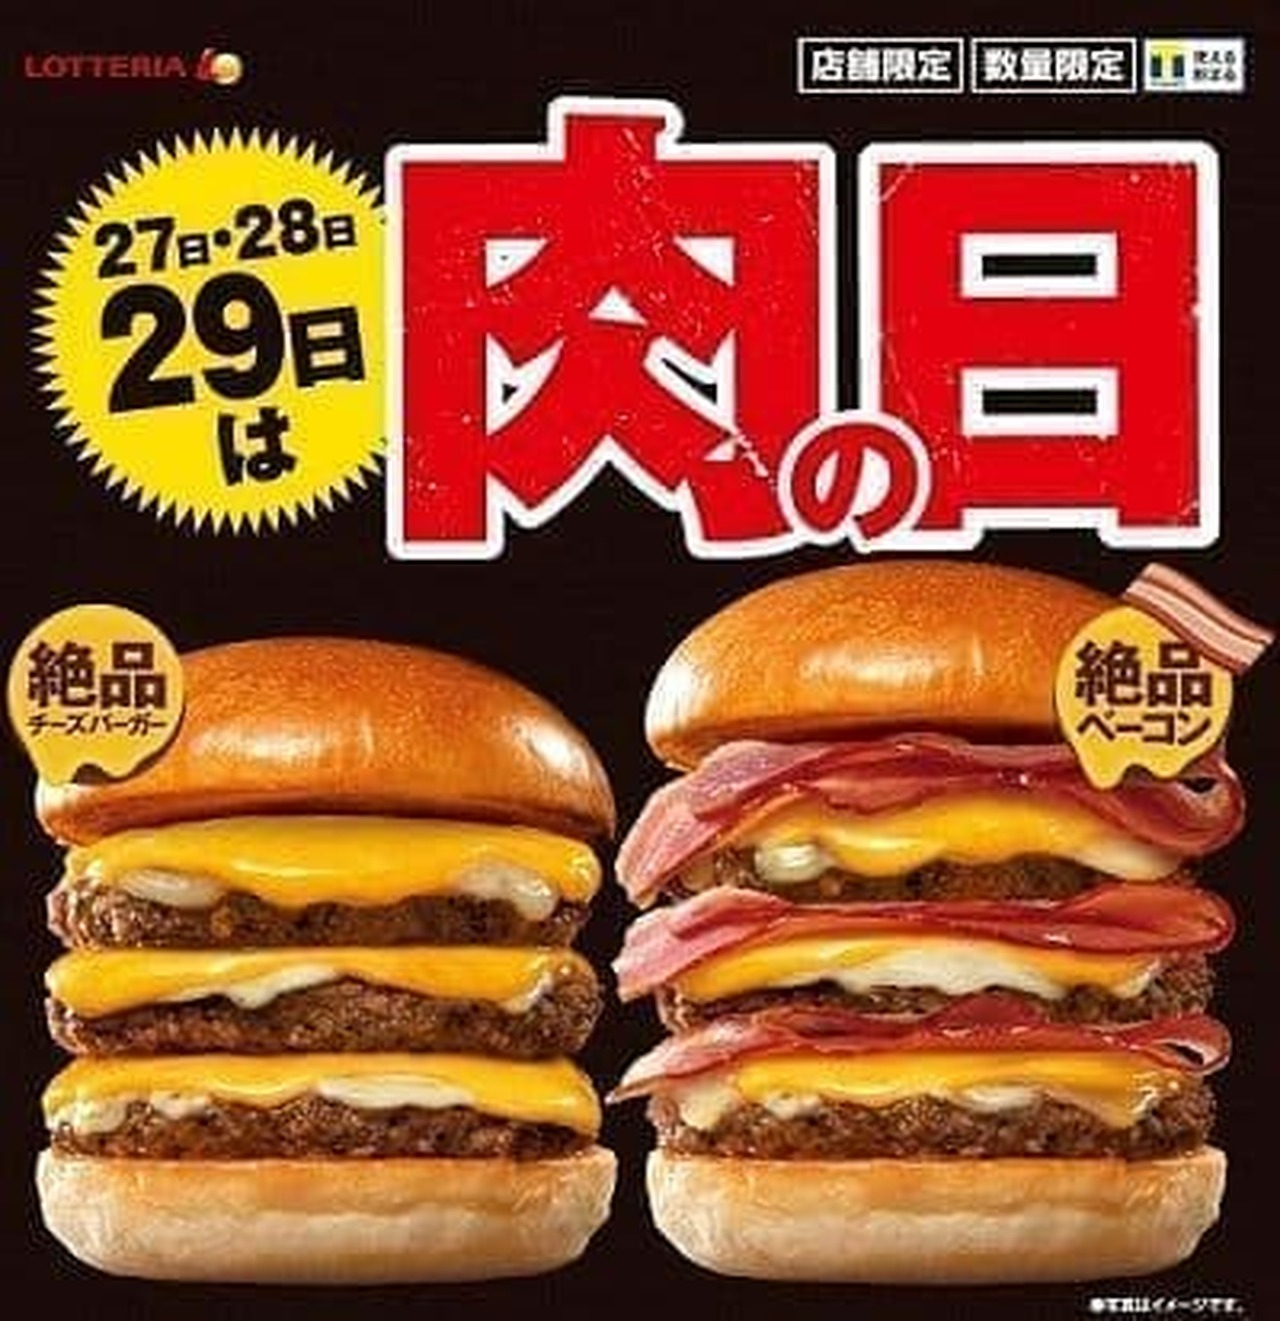 8月の「ロッテリア 29肉(ニク)の日」